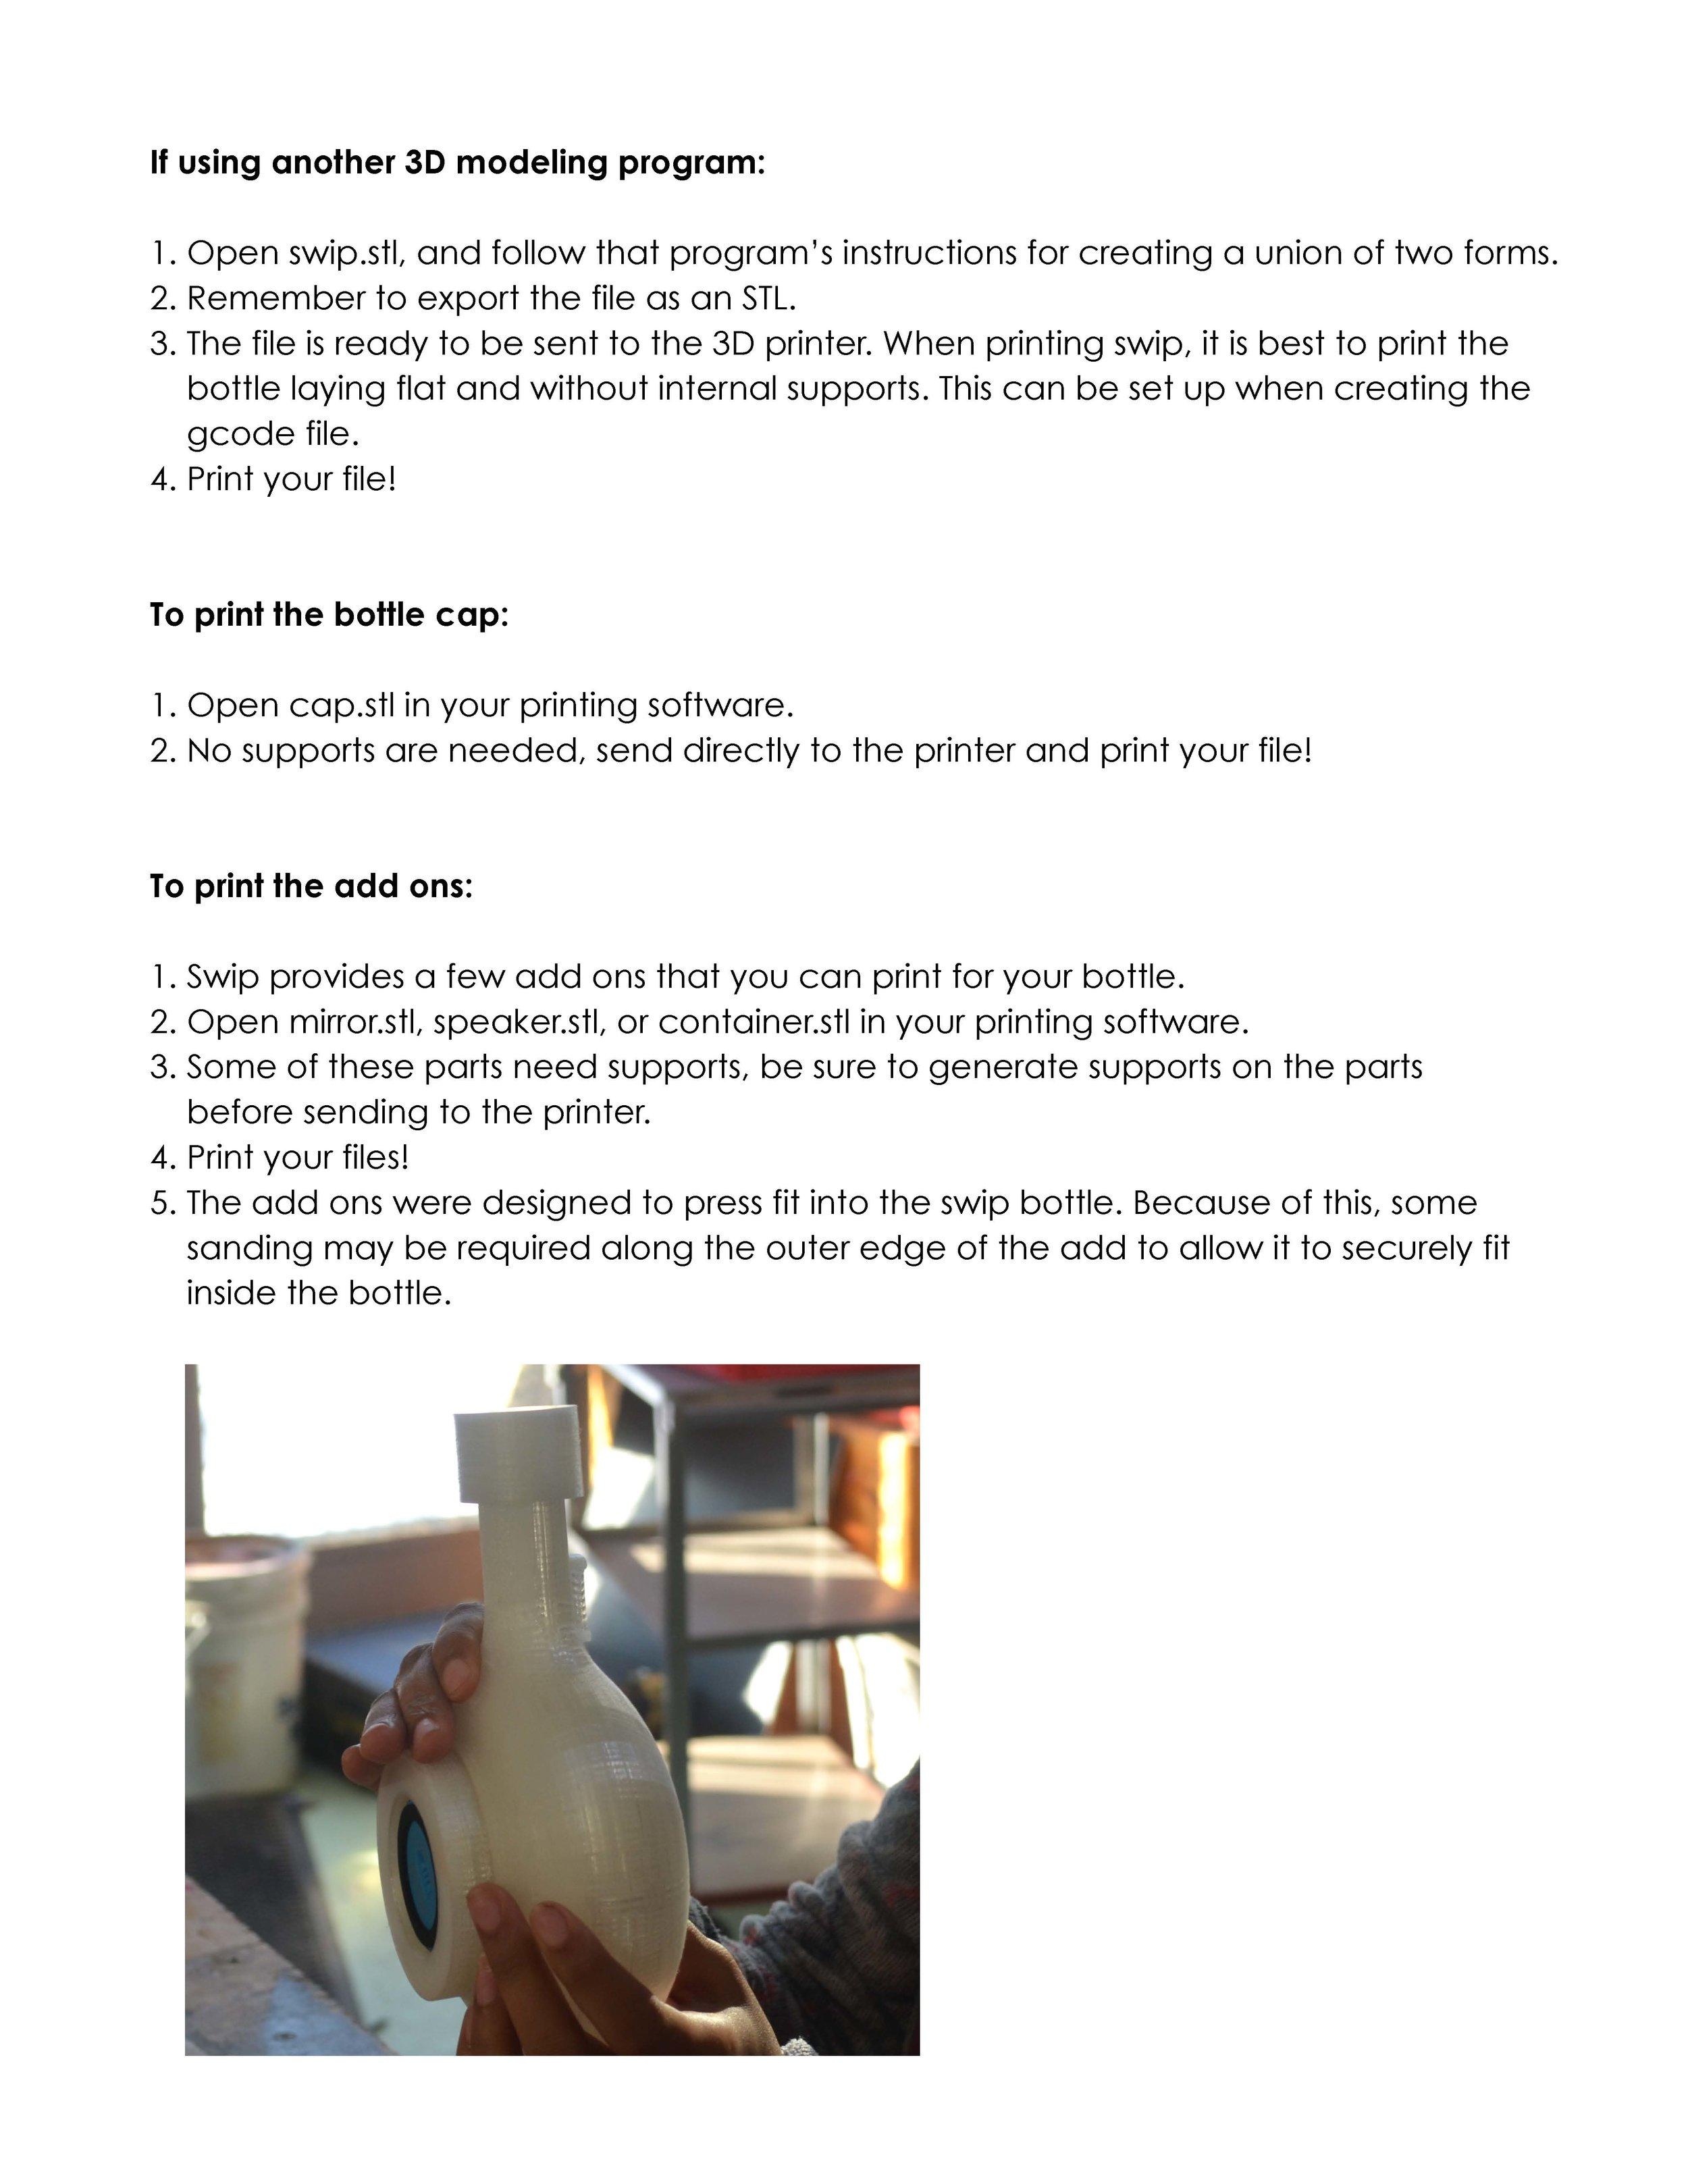 Swip Business Plan 42.jpg